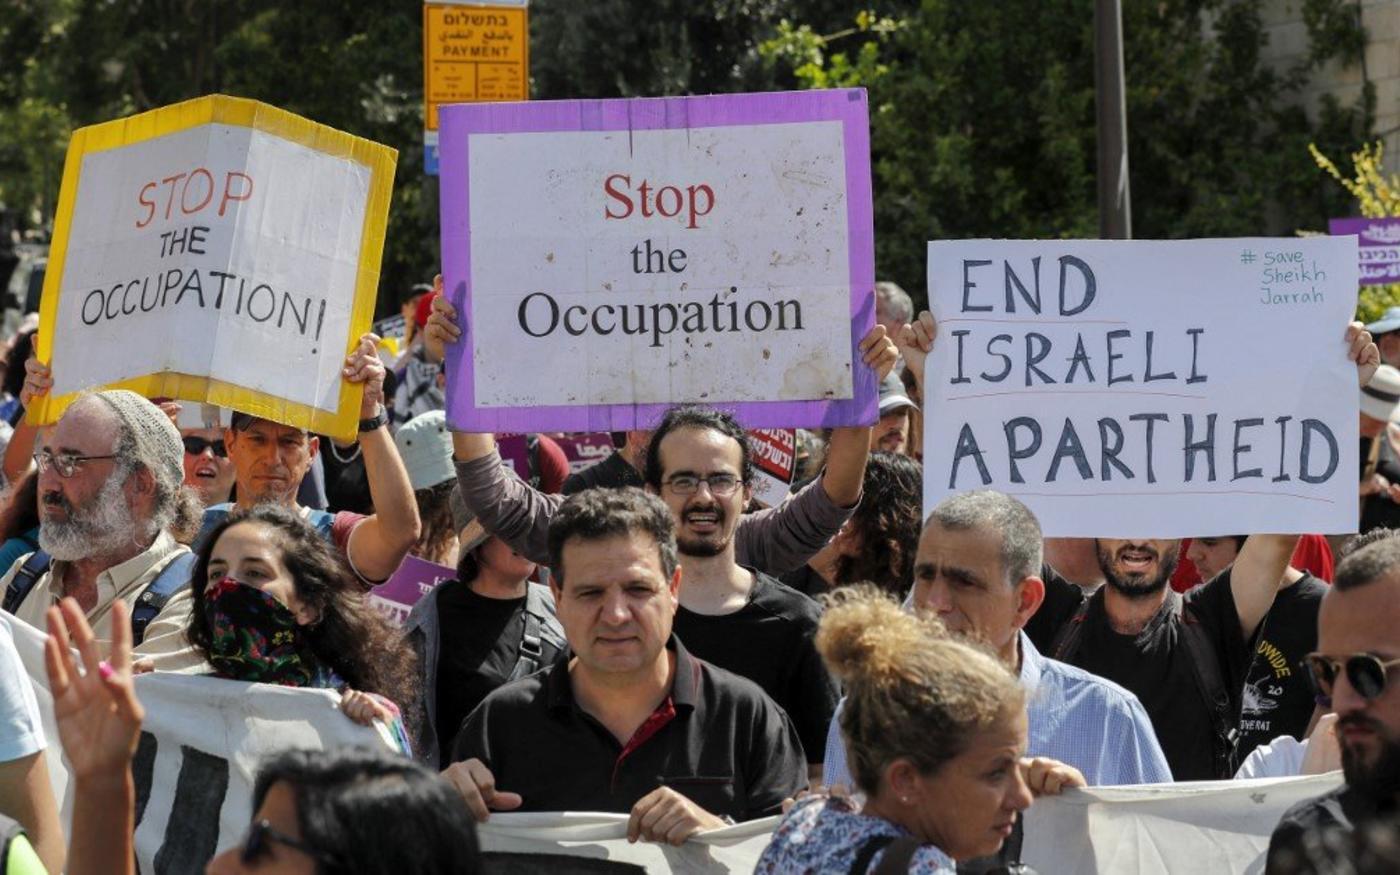 Des activistes manifestent contre l'occupation israélienne près de Sheikh Jarrah, le 11juin2021 (AFP)